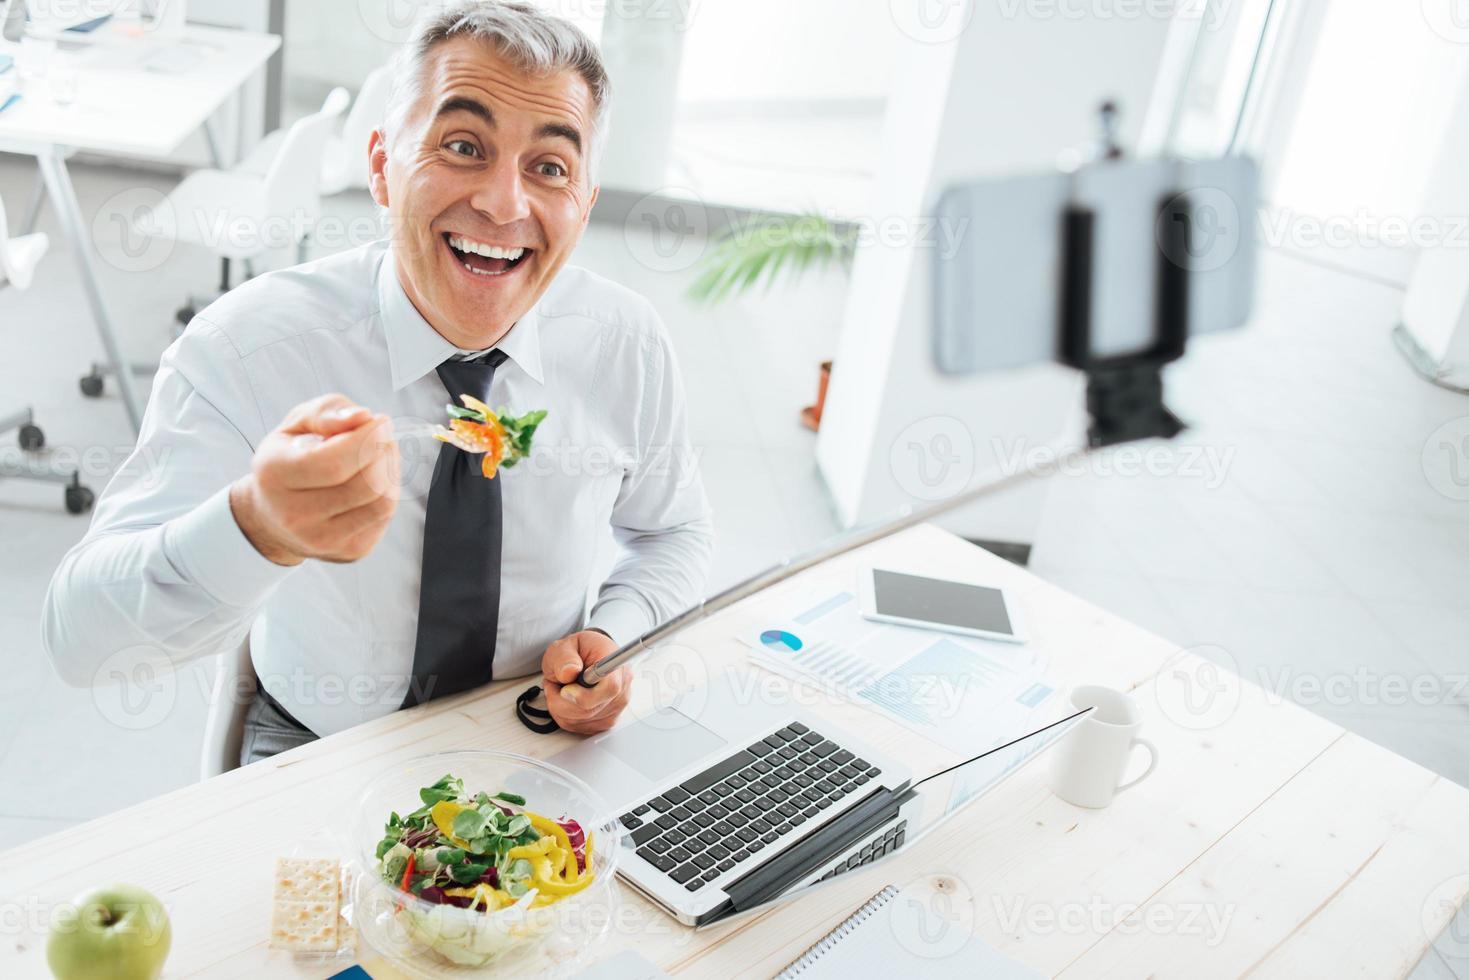 empresário tirando selfies durante o almoço foto